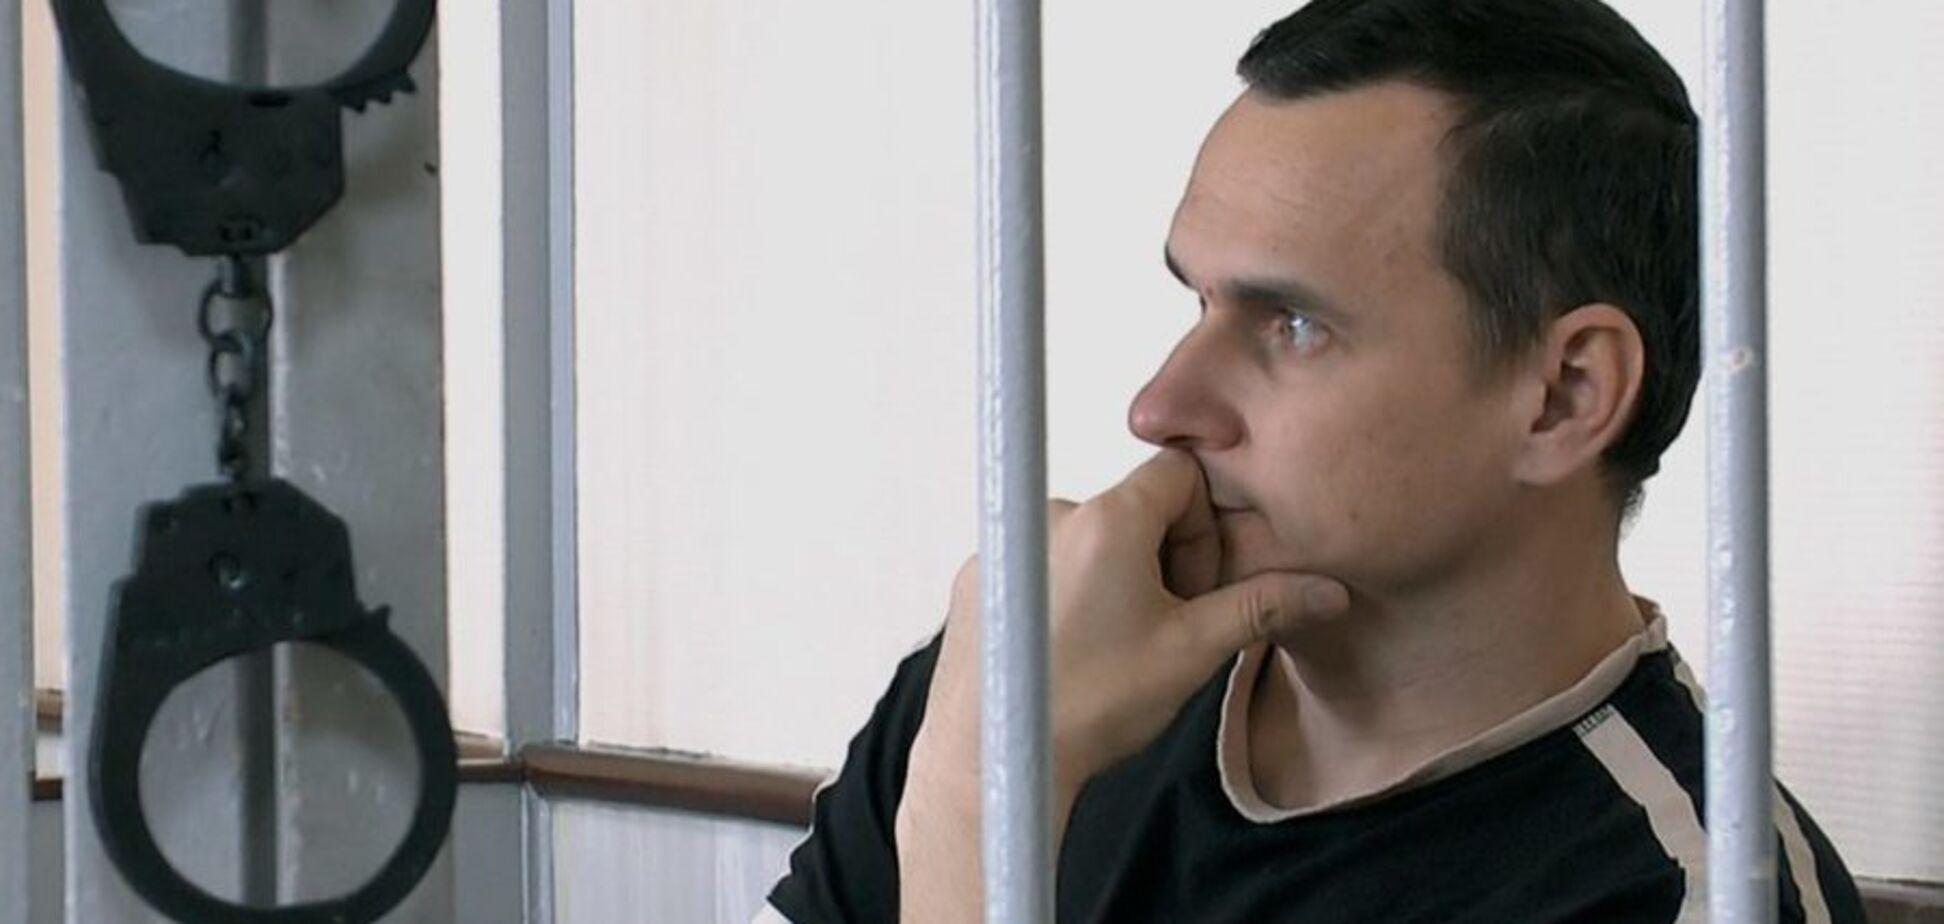 ''145 дней борьбы, минус 20 кг'': Сенцов официально объявил о завершении голодовки. Опубликовано заявление